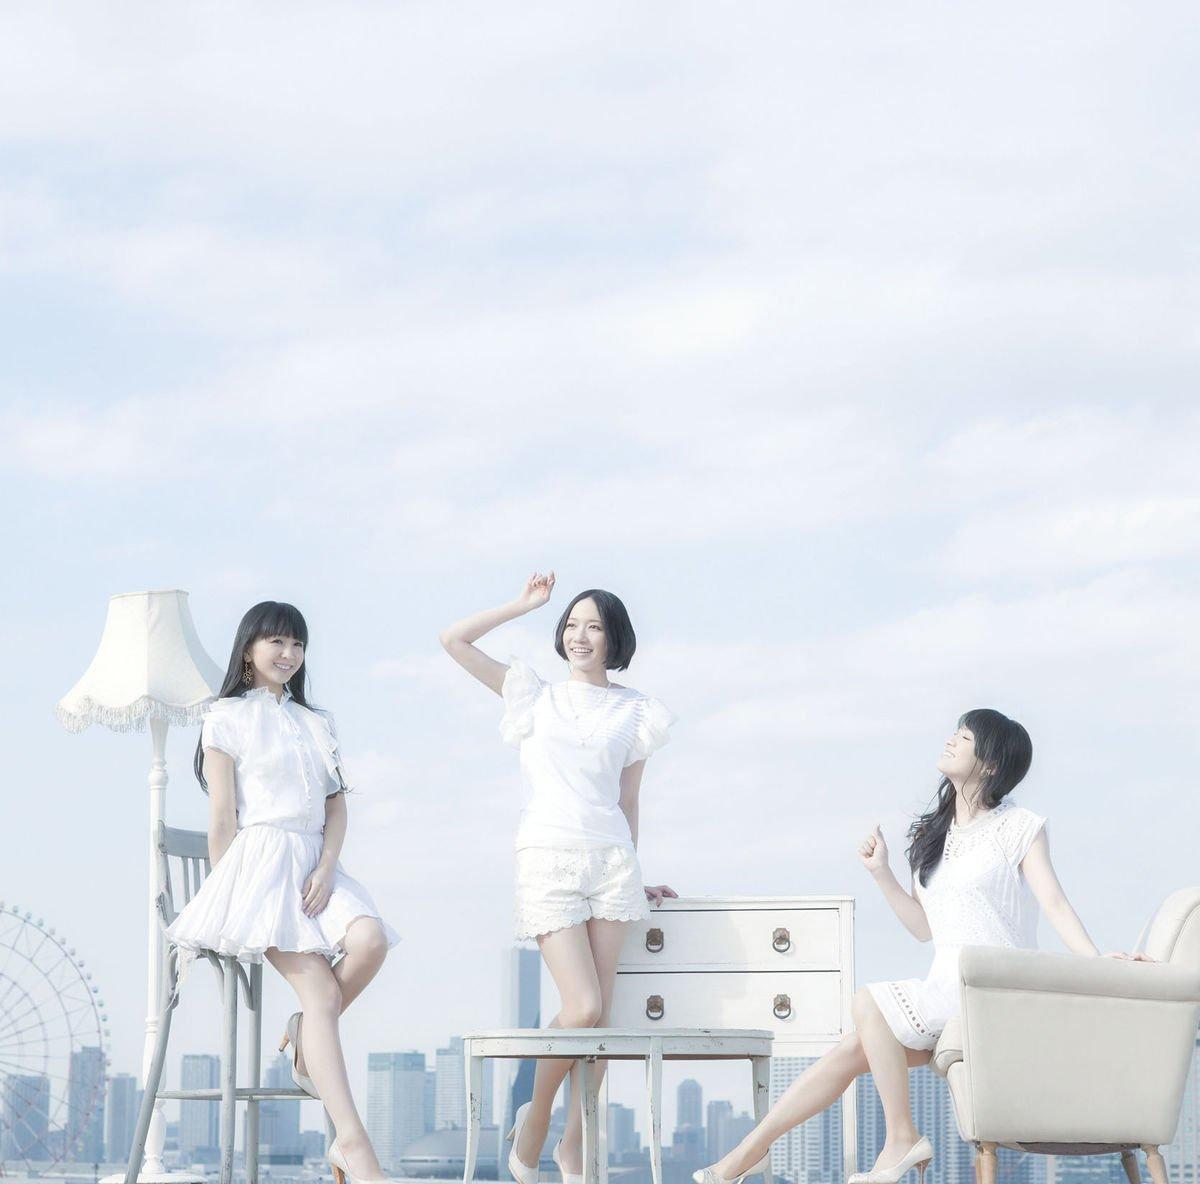 Perfume album レーザービーム / 微かなカオリ